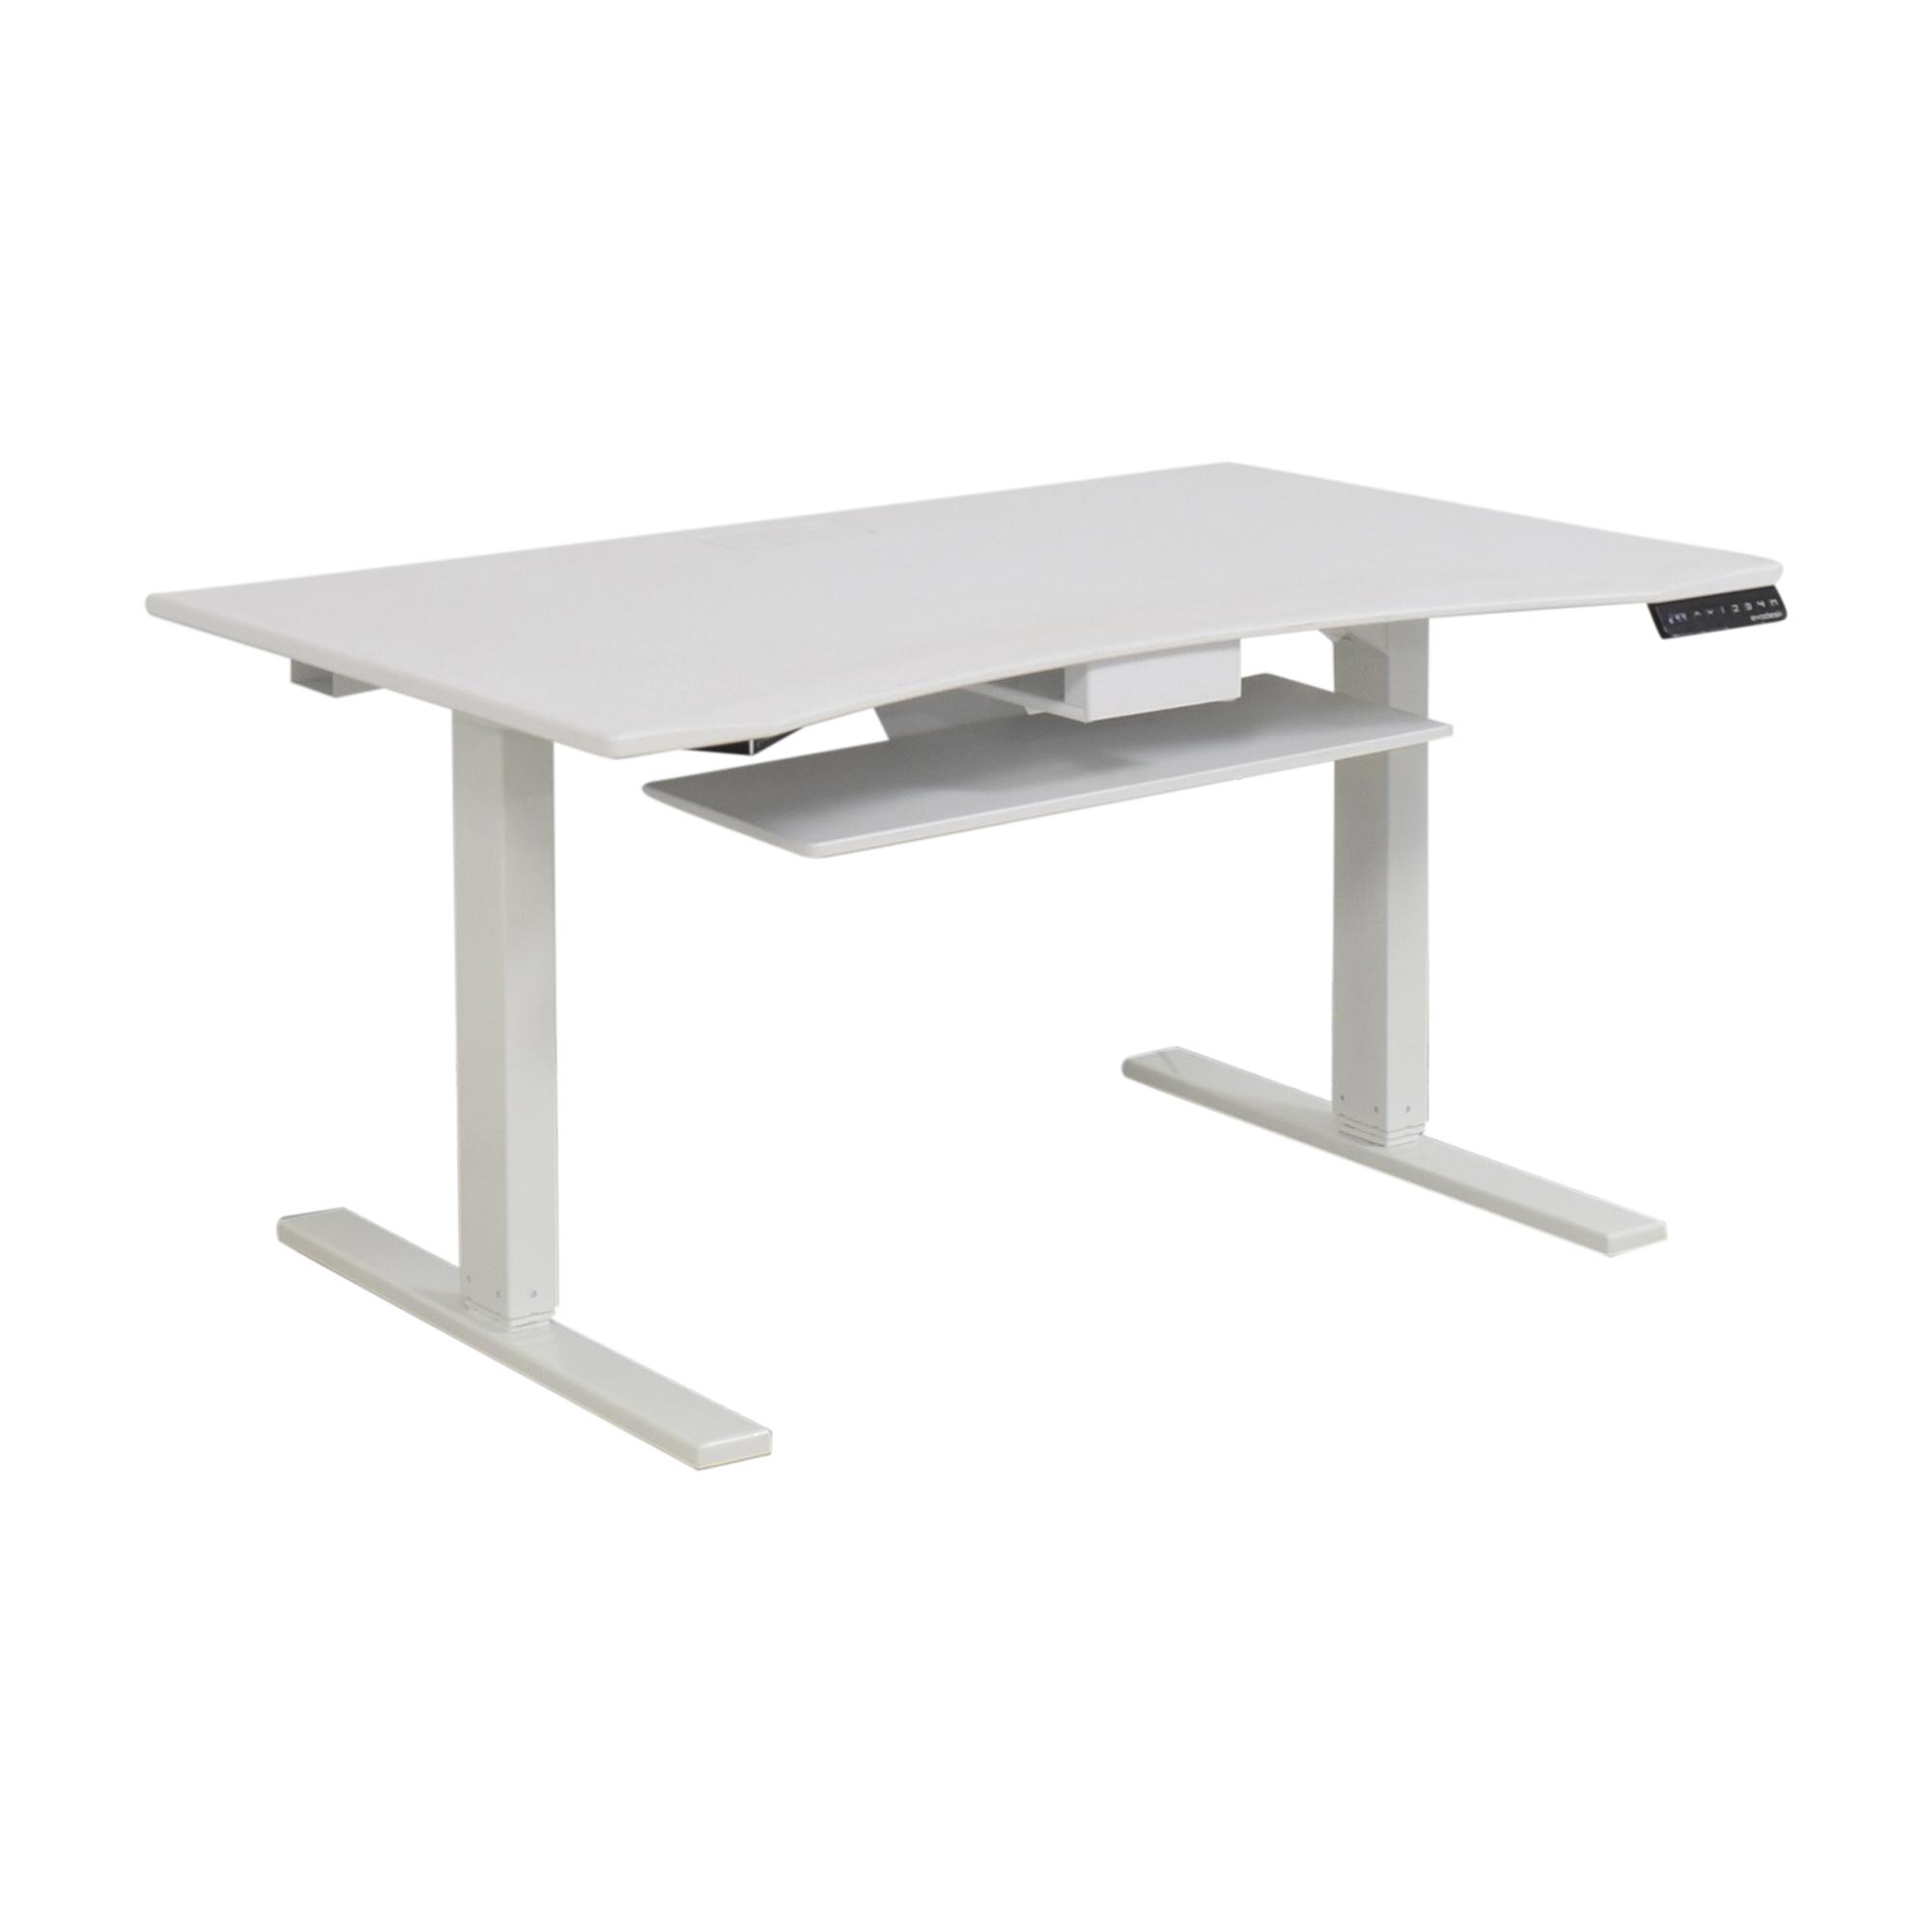 buy Evodesk Power Adjustable Standing Desk Evodesk